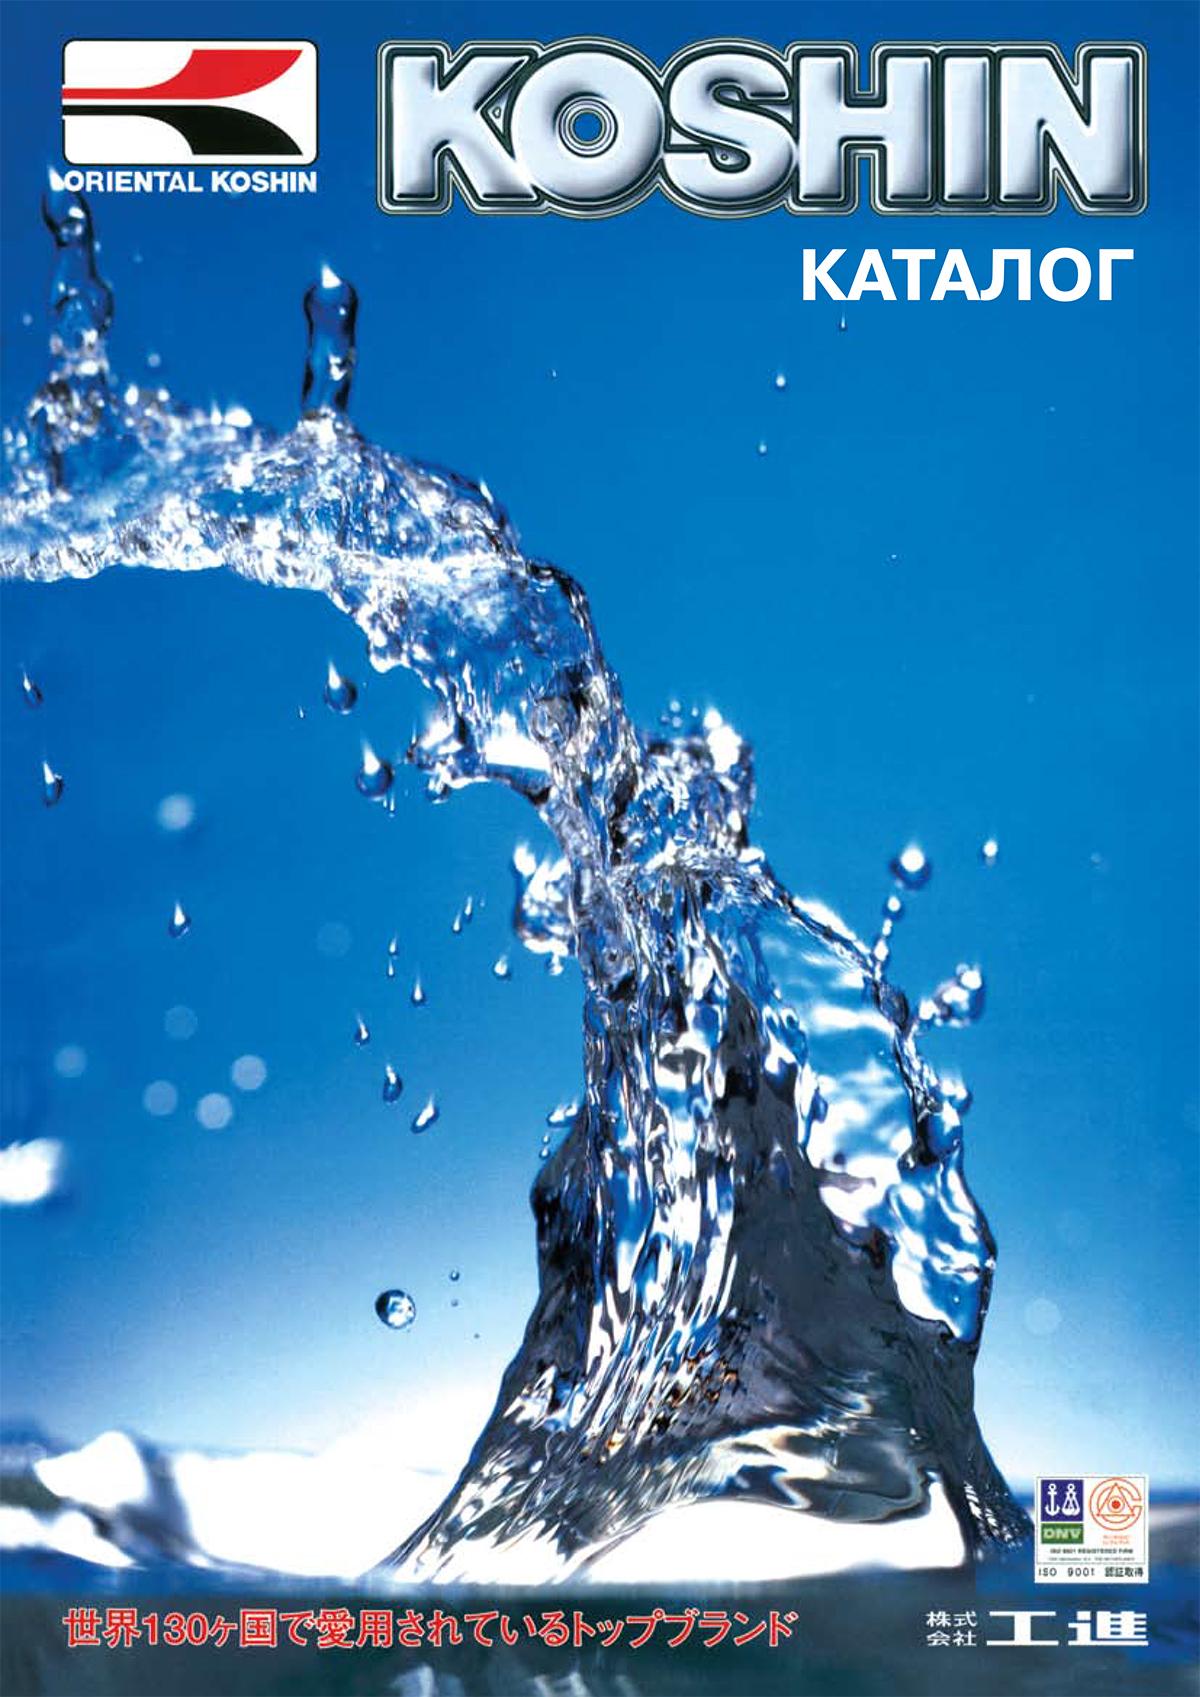 EES Koshin Engine Pumps Catalog 2010 auf Russisch (in Russian)